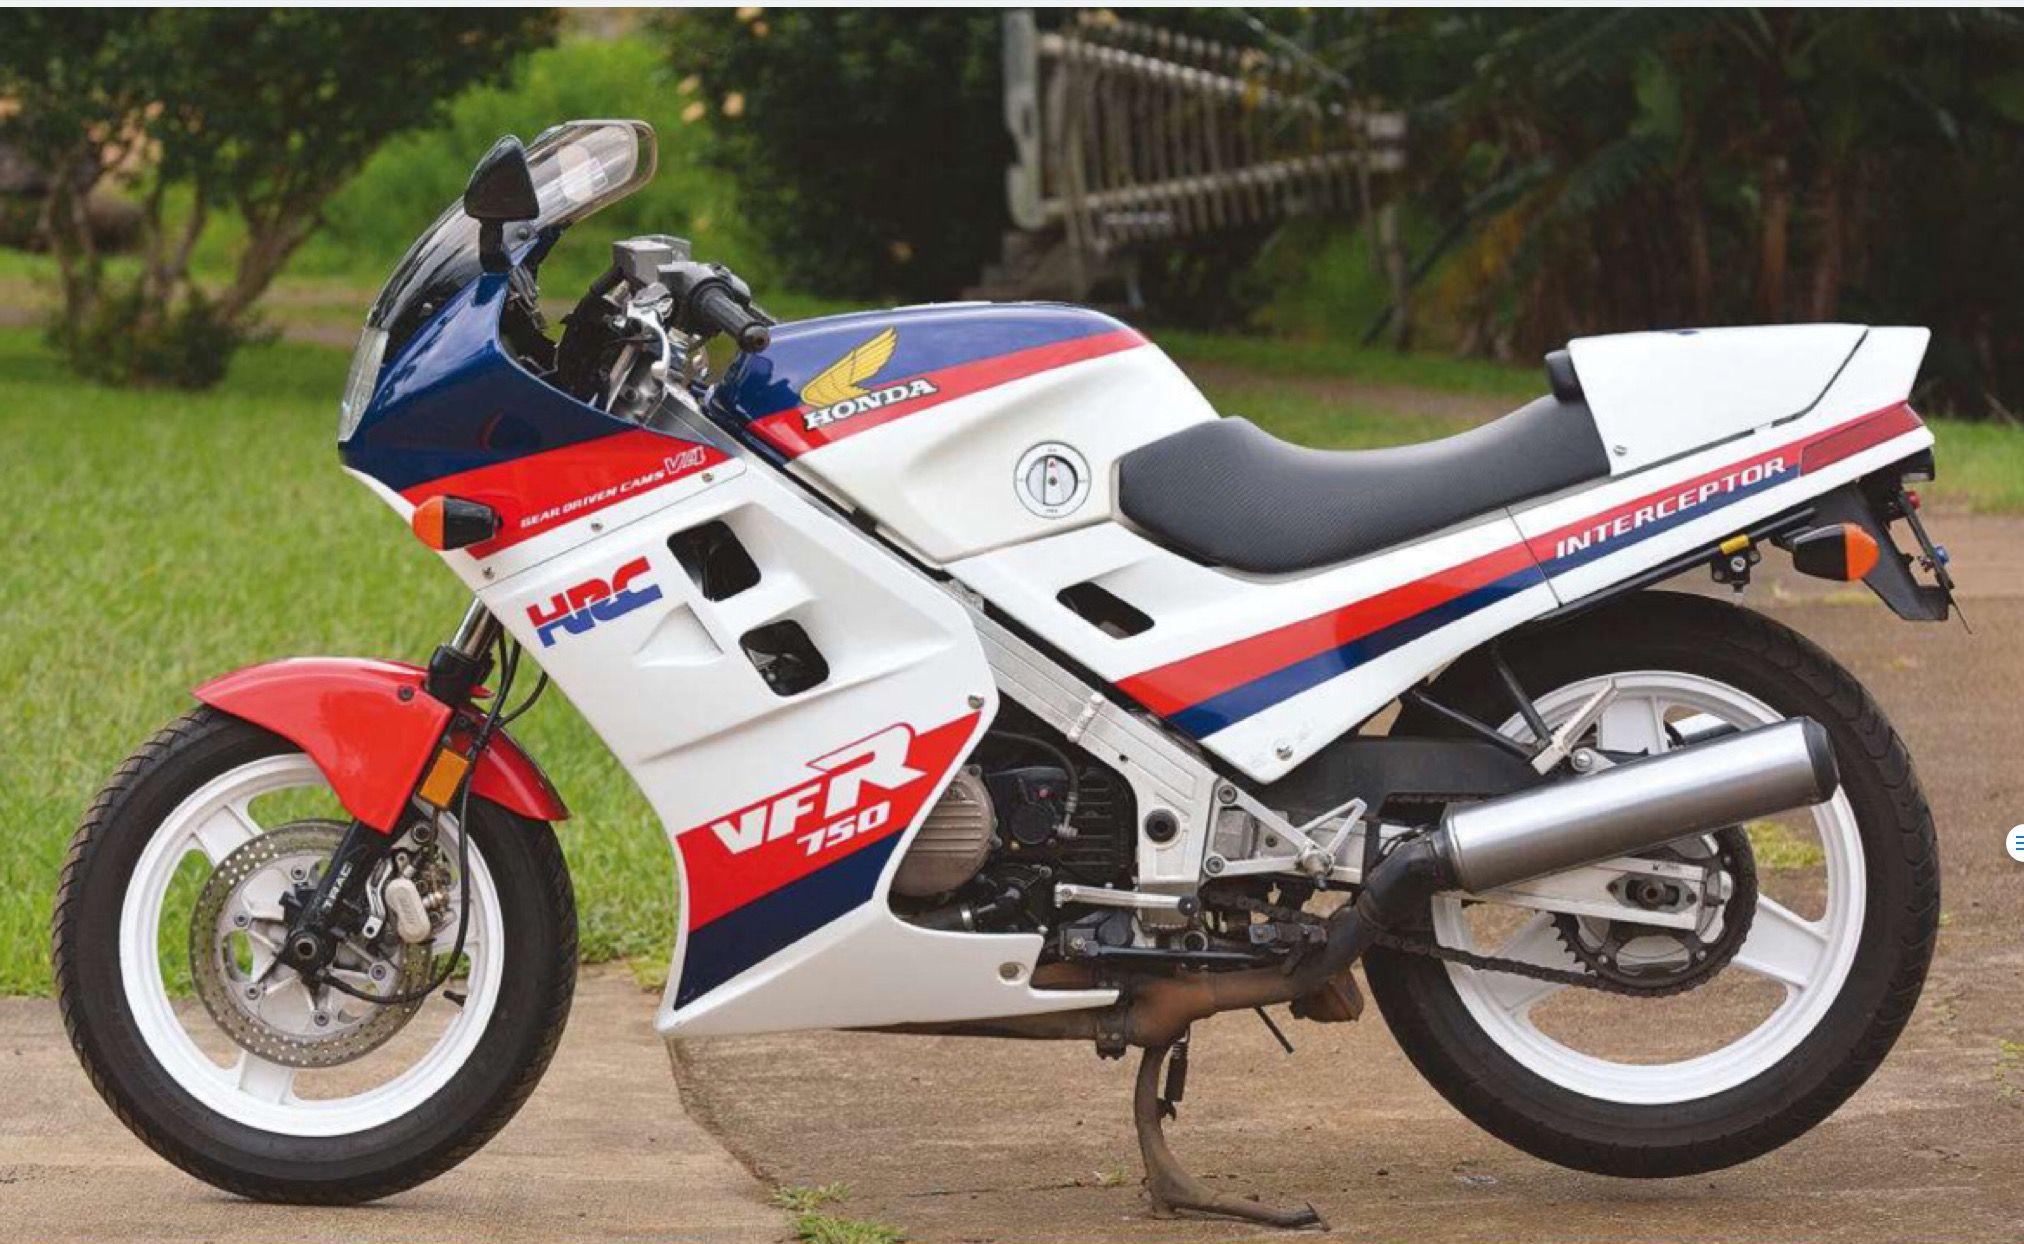 2020 Honda NC750X   Cycle World   Motorcycle, Honda, Honda